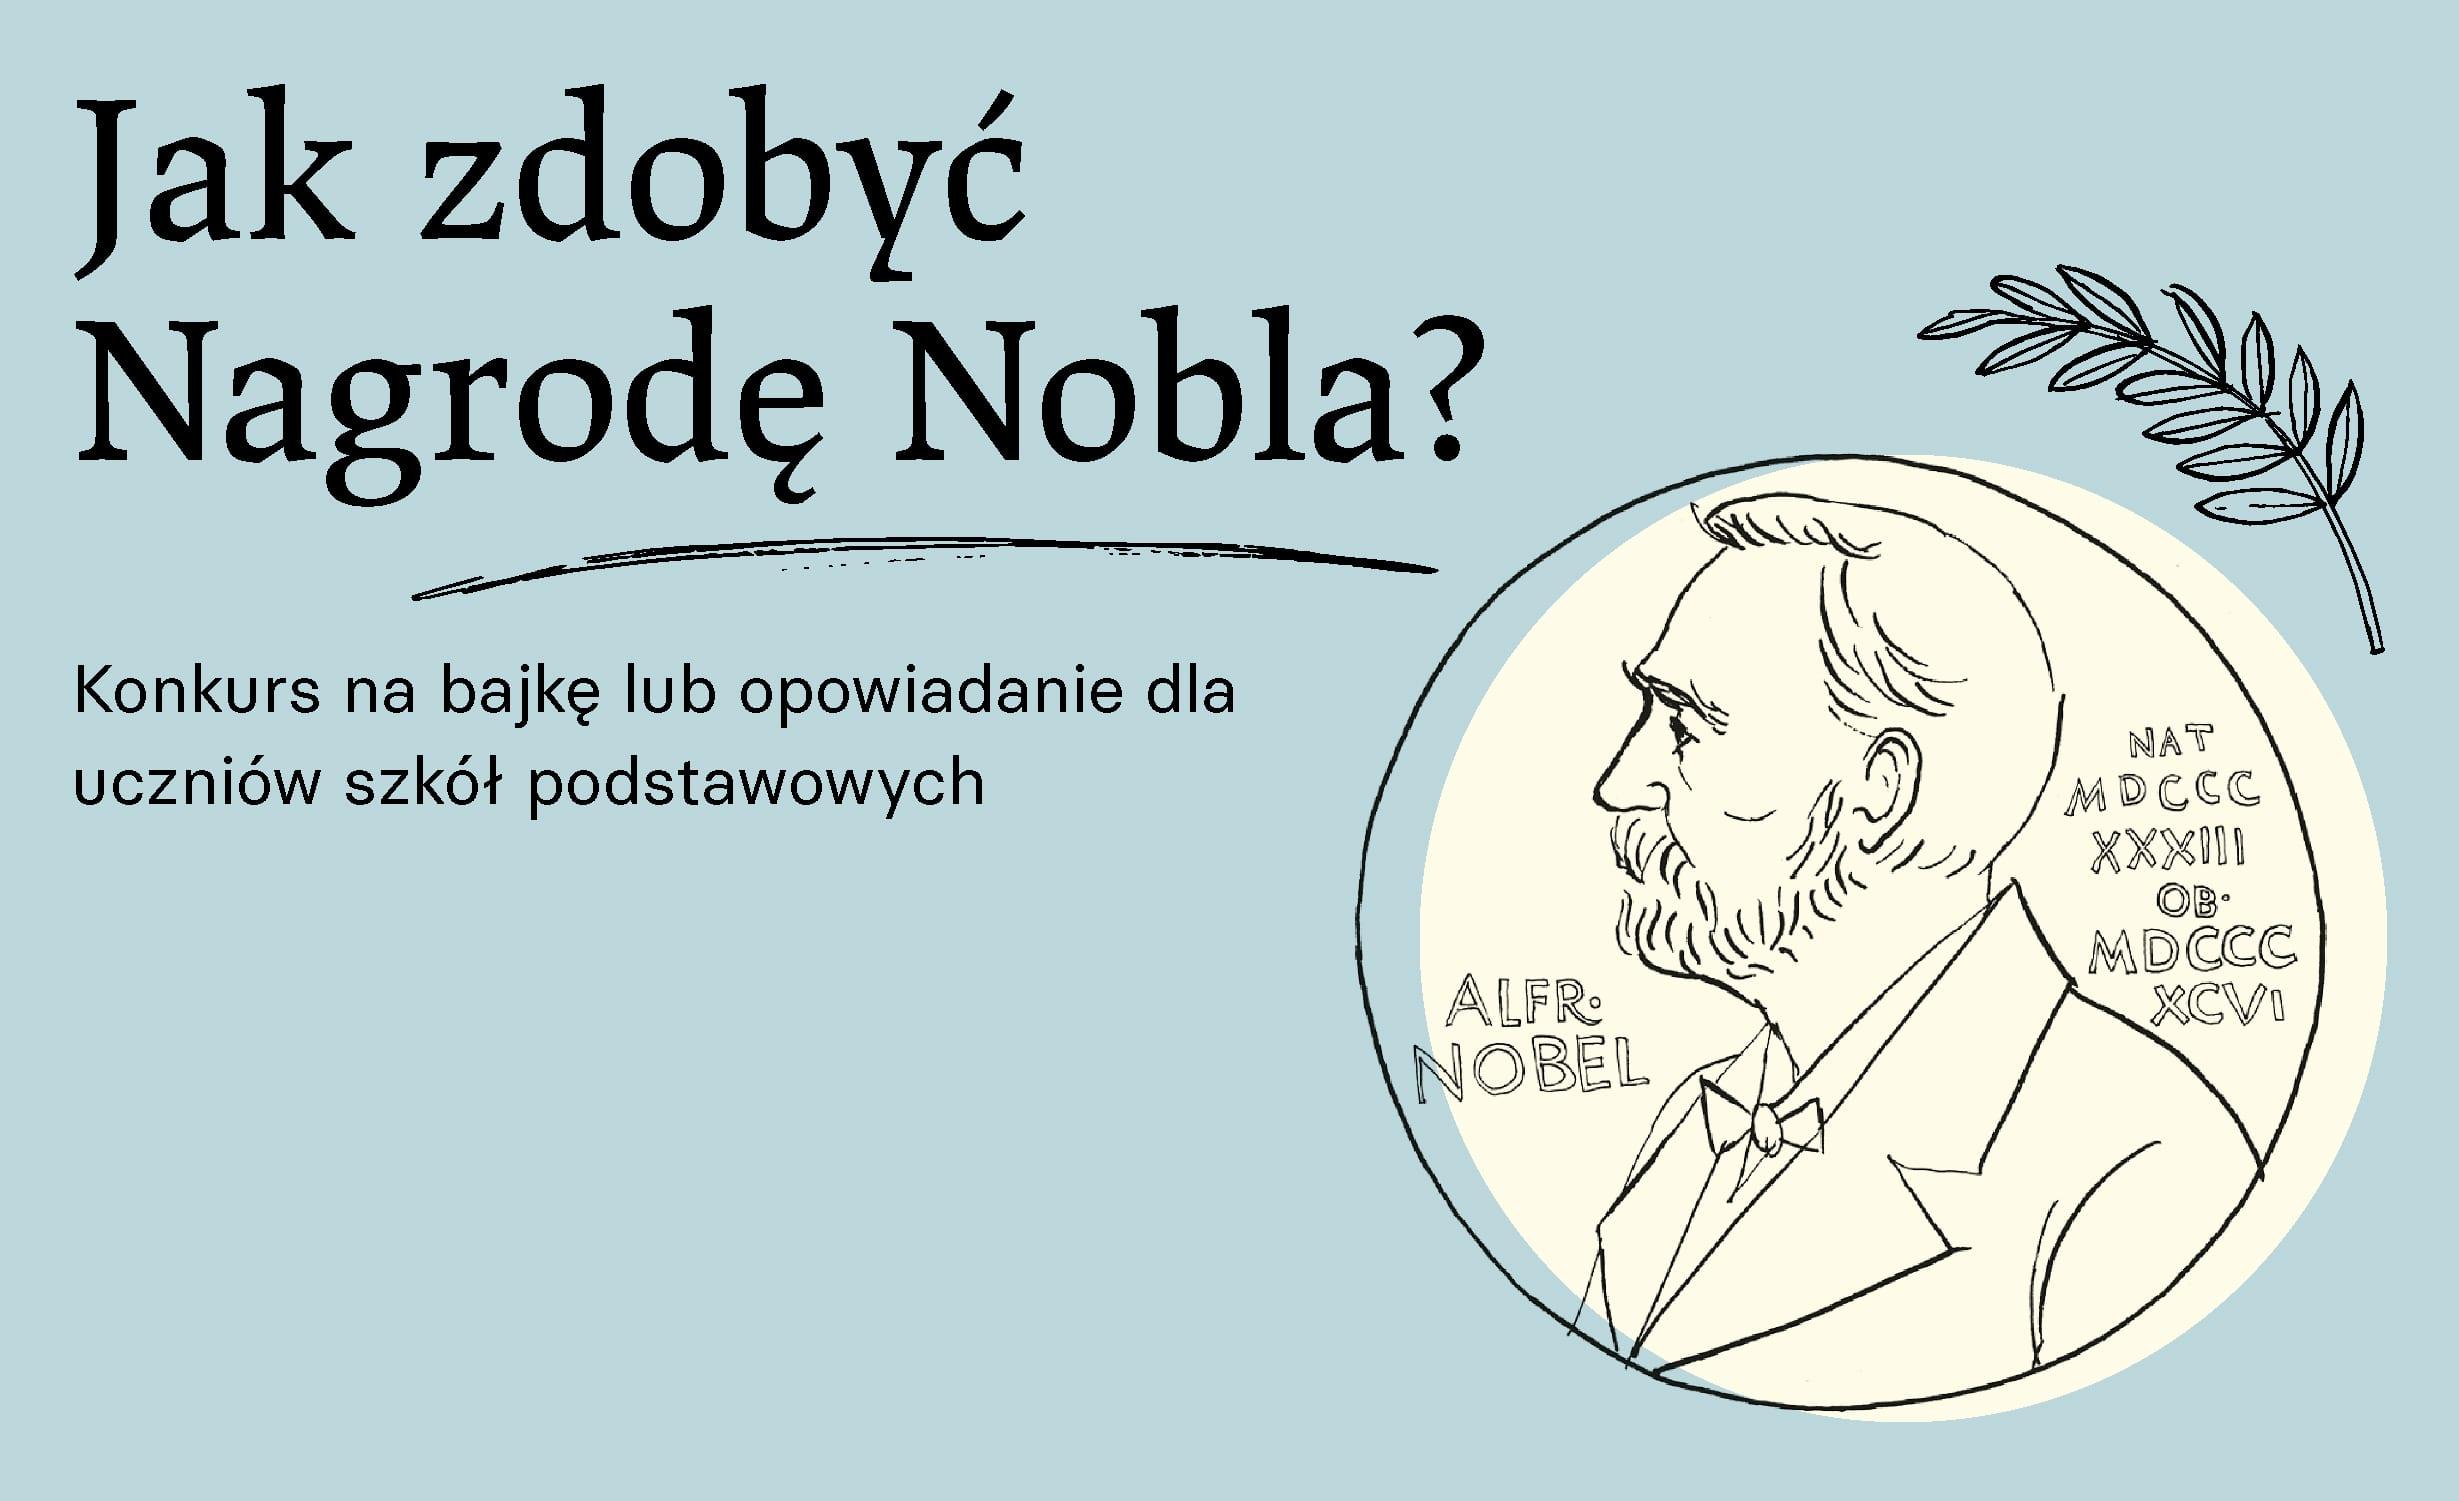 Jak zdobyć Nagrodę Nobla. Konkurs literacki dla uczniów i uczennic szkół podstawowych